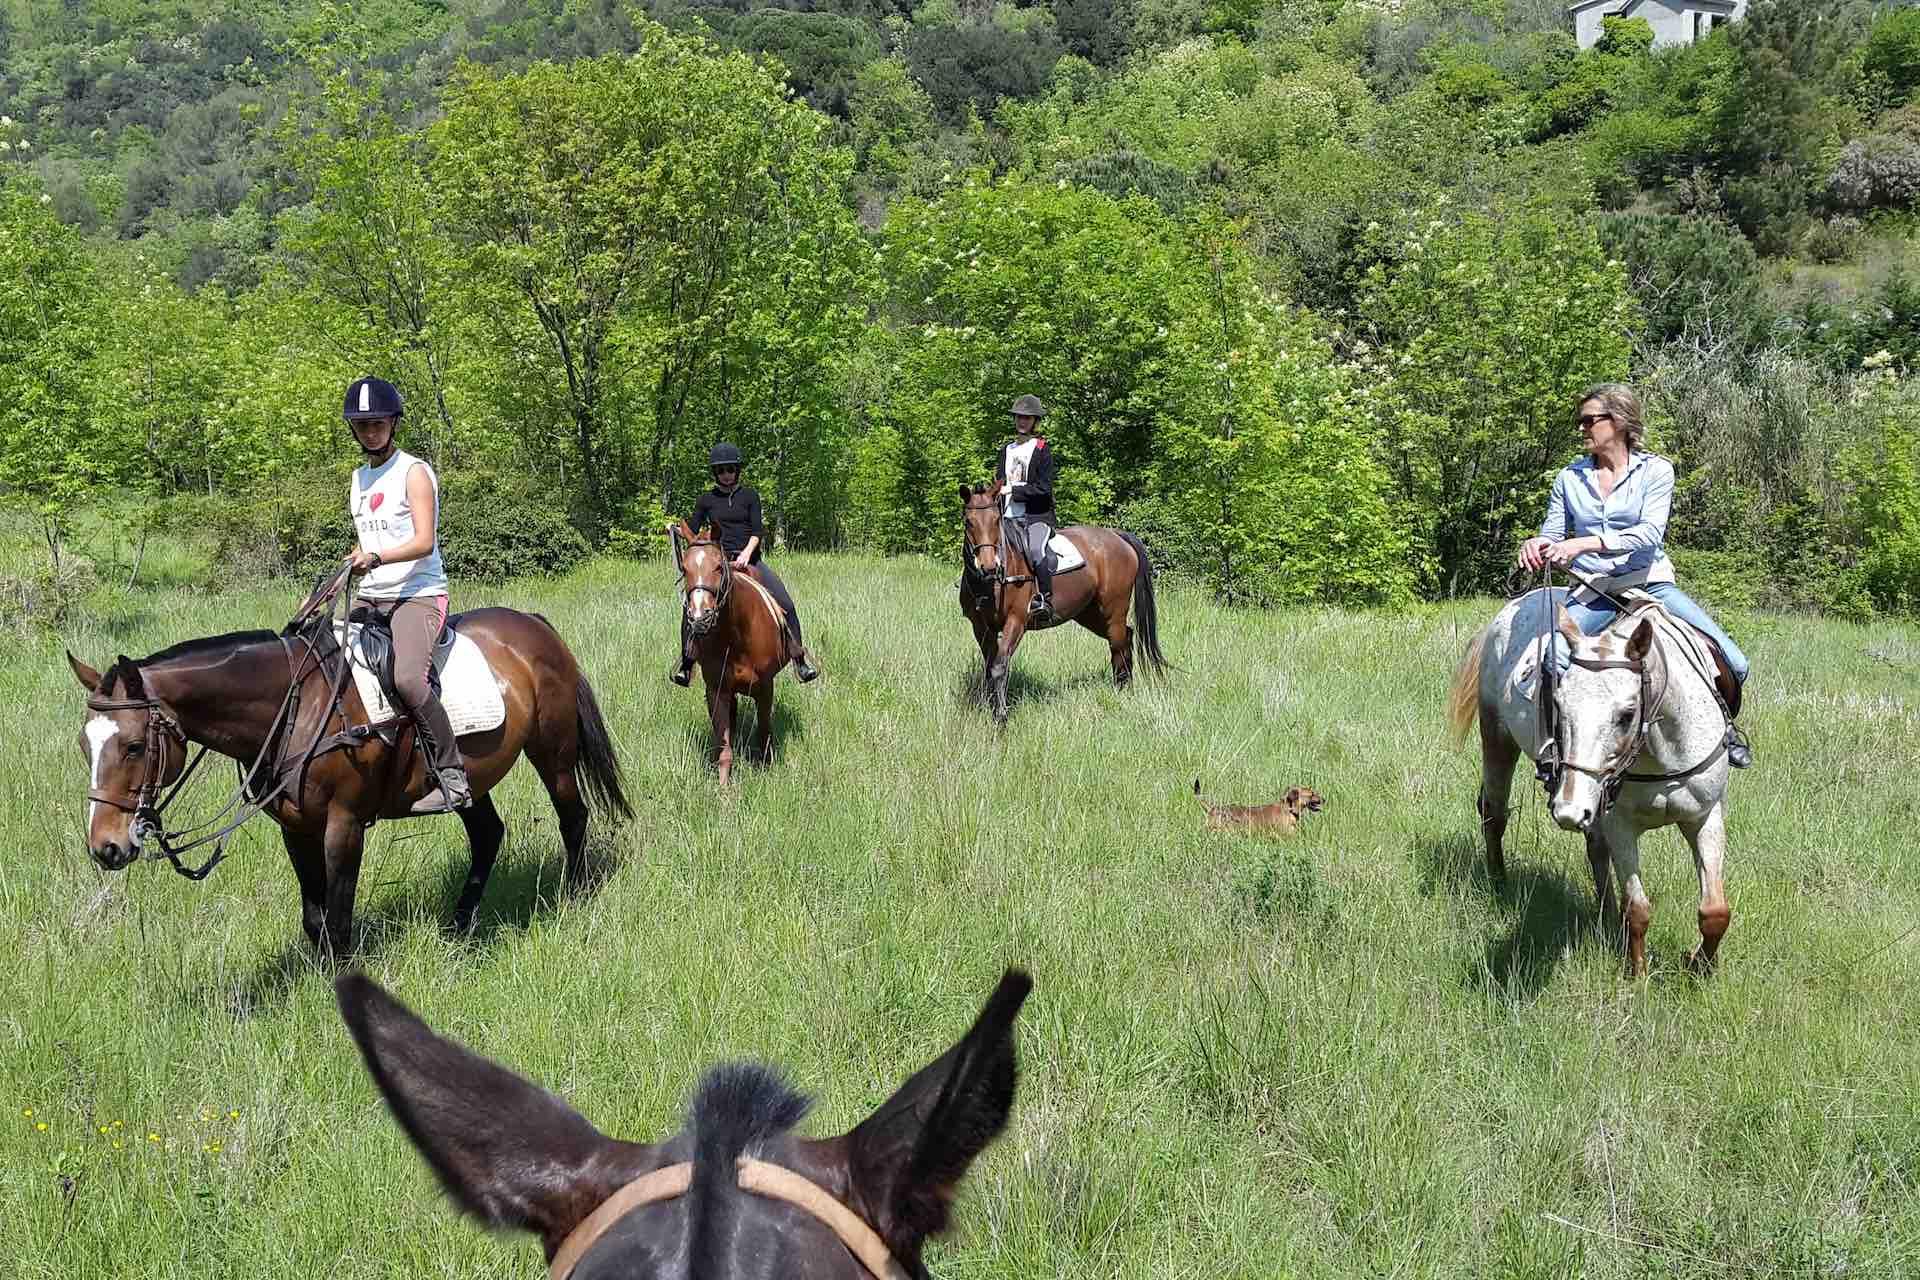 Sport-outdoor-equitazione-finale-ligure-passeggiate-cavallo-liguria-Residenza-Adelaide-007